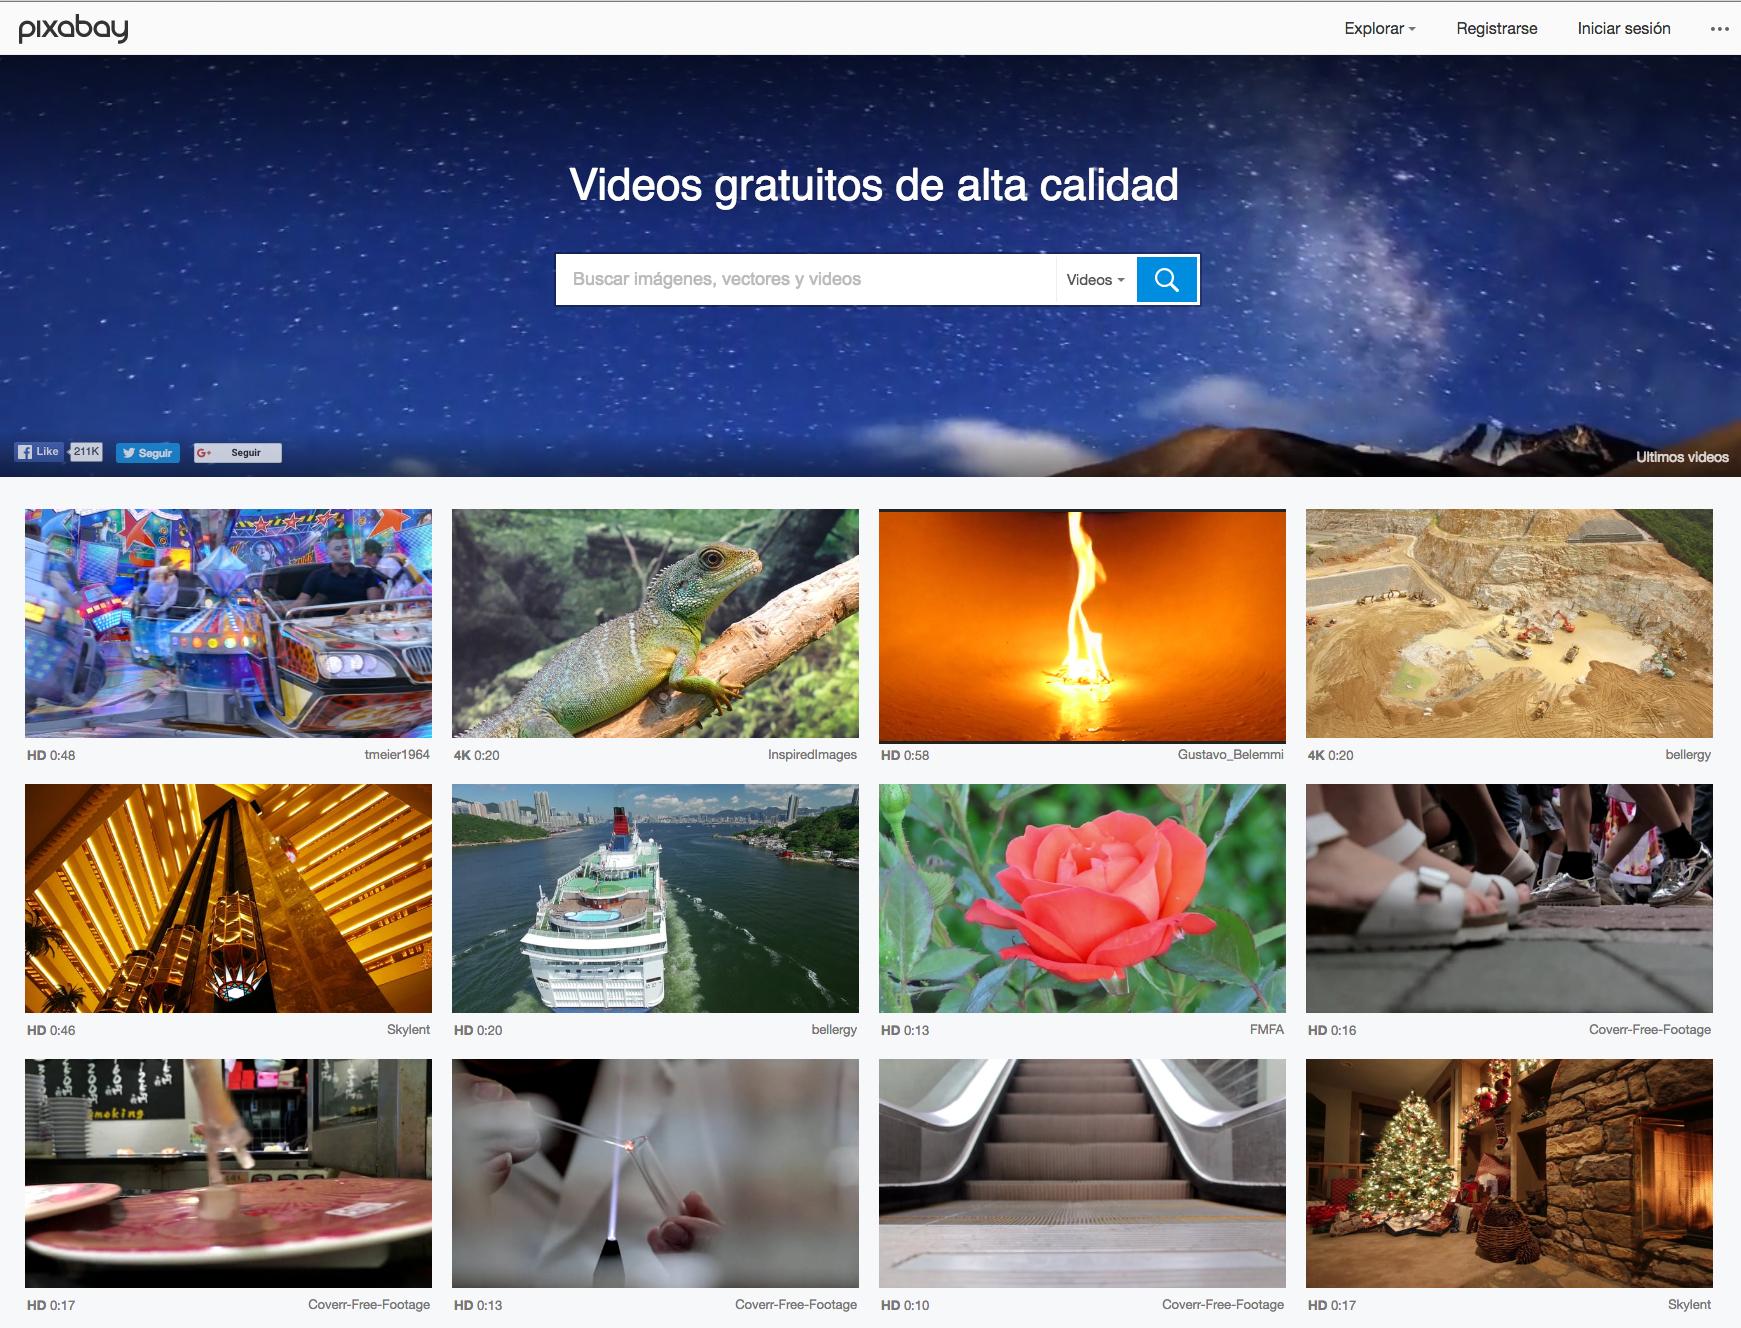 pixabay recursos bancos videos hd